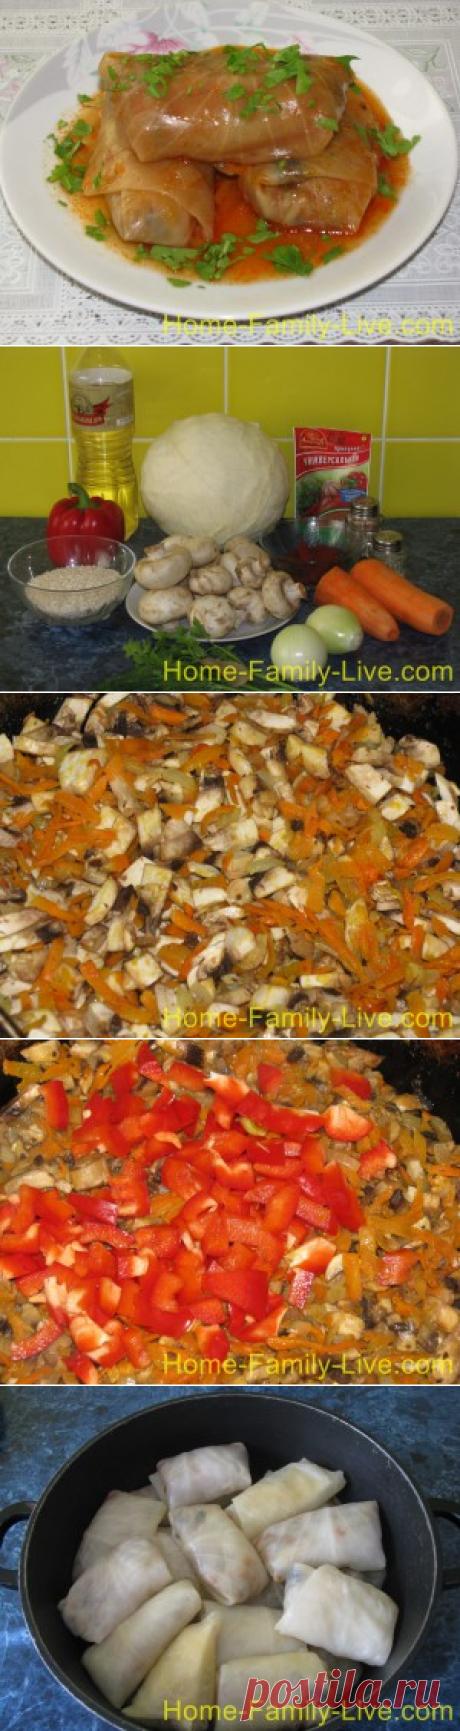 Голубцы с грибами - пошаговый фоторецепт - постная кухняКулинарные рецепты